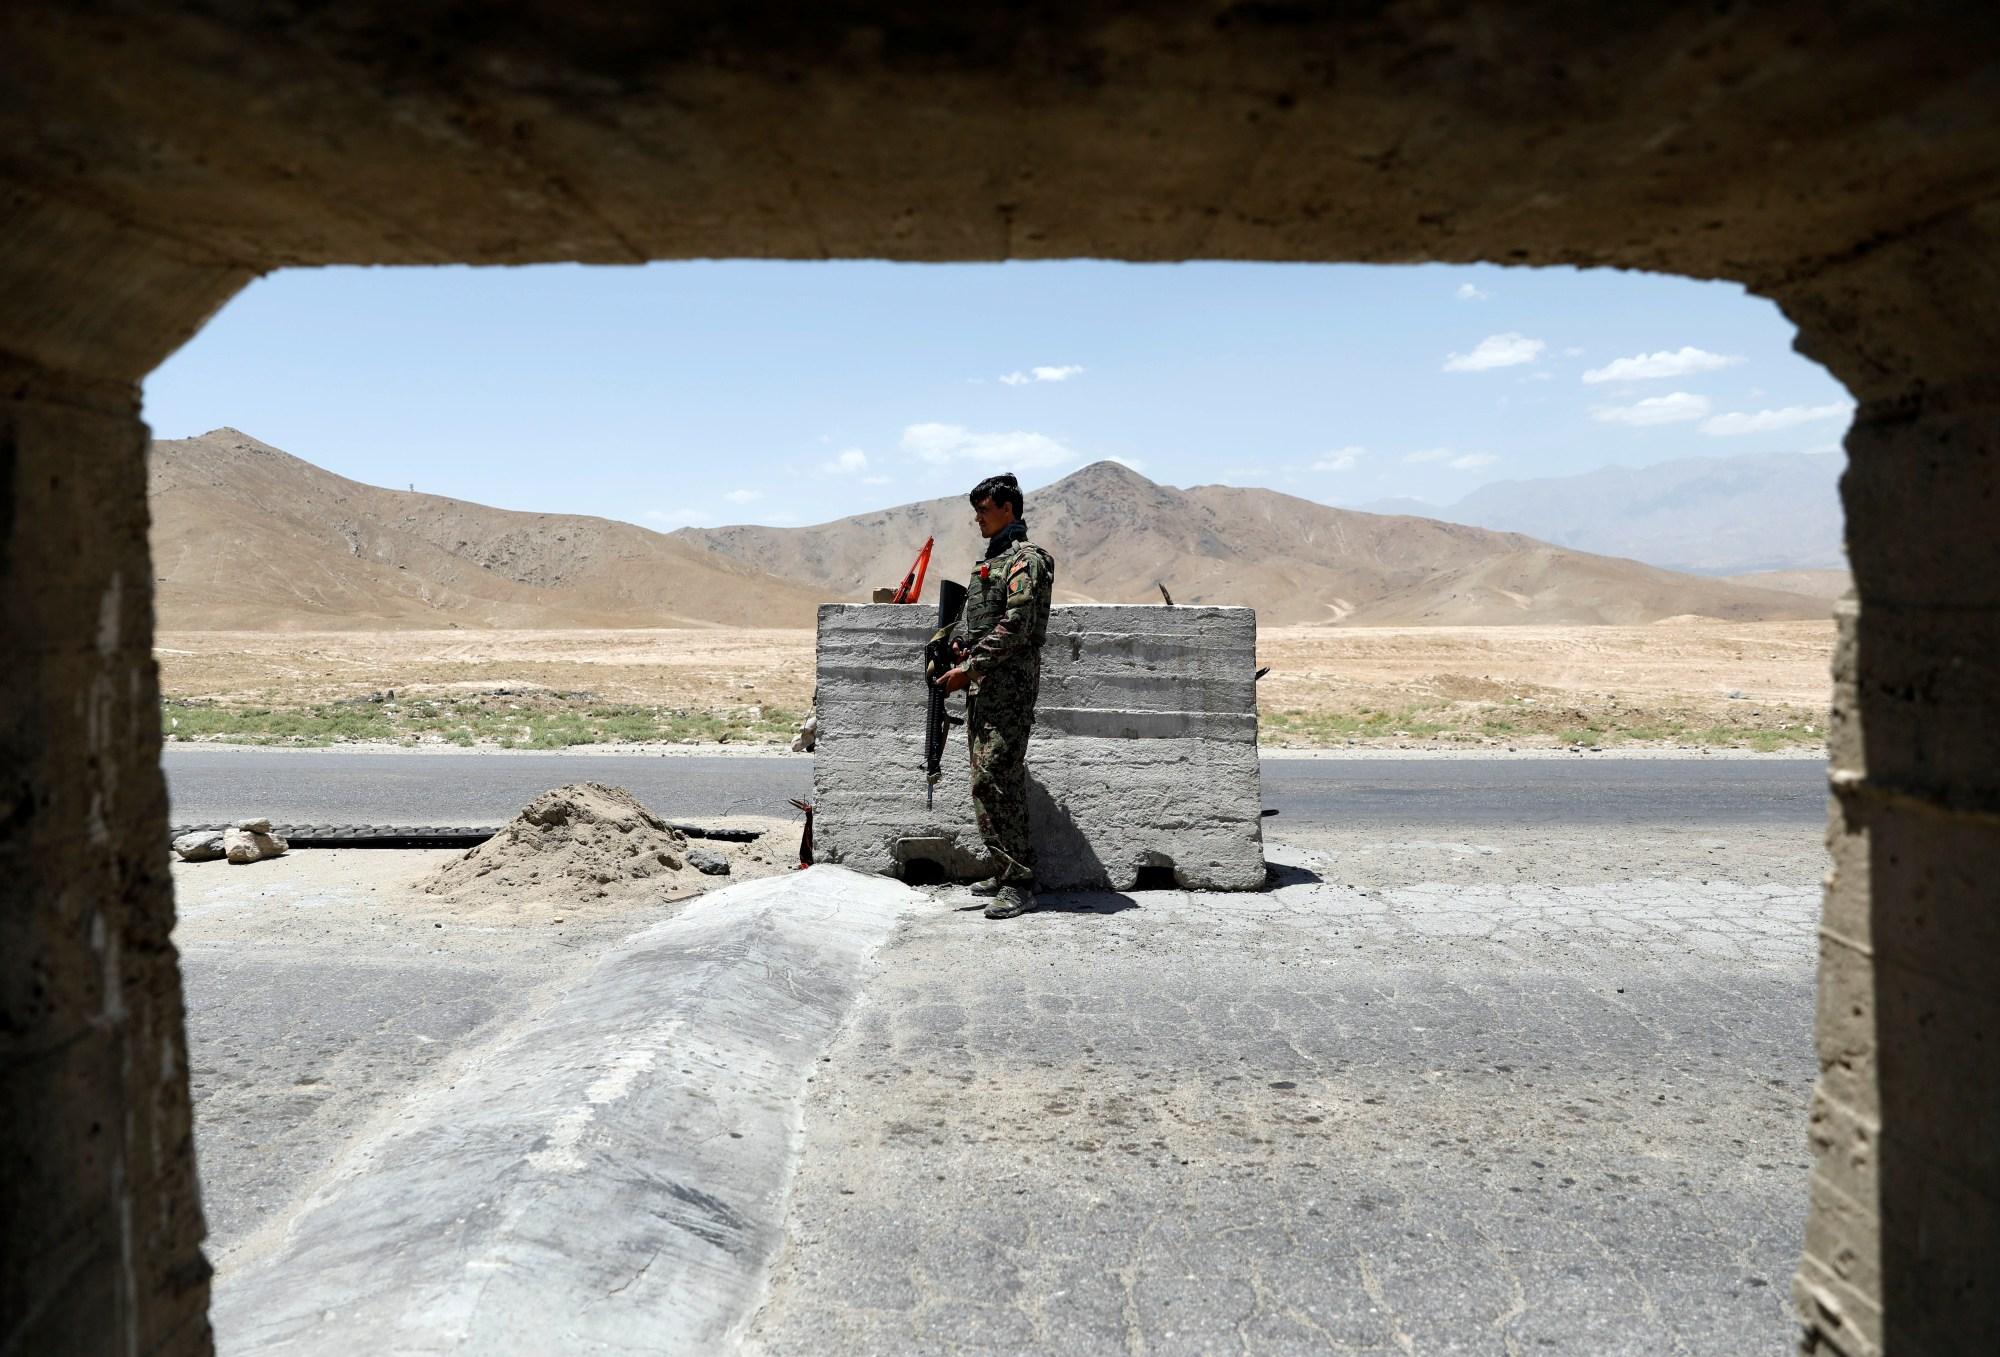 Afghan Troops Flee as Taliban Take Several Districts in Northeast Afghanistan